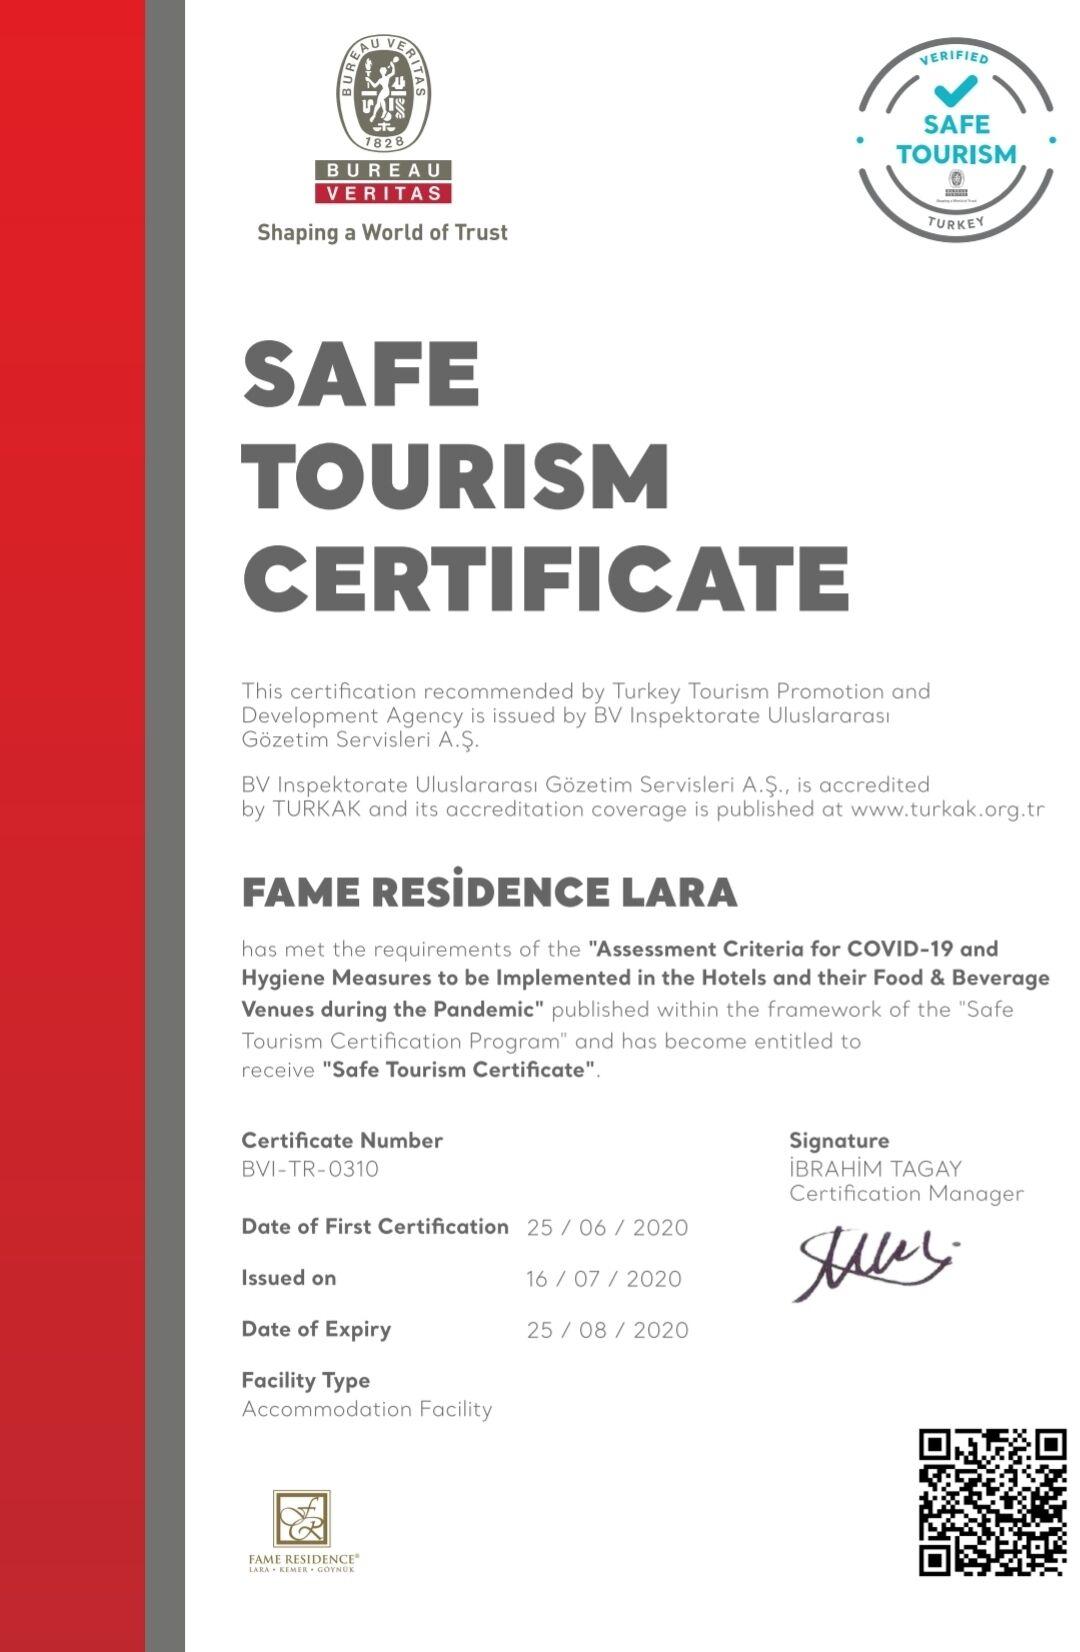 Fame Residence Lara